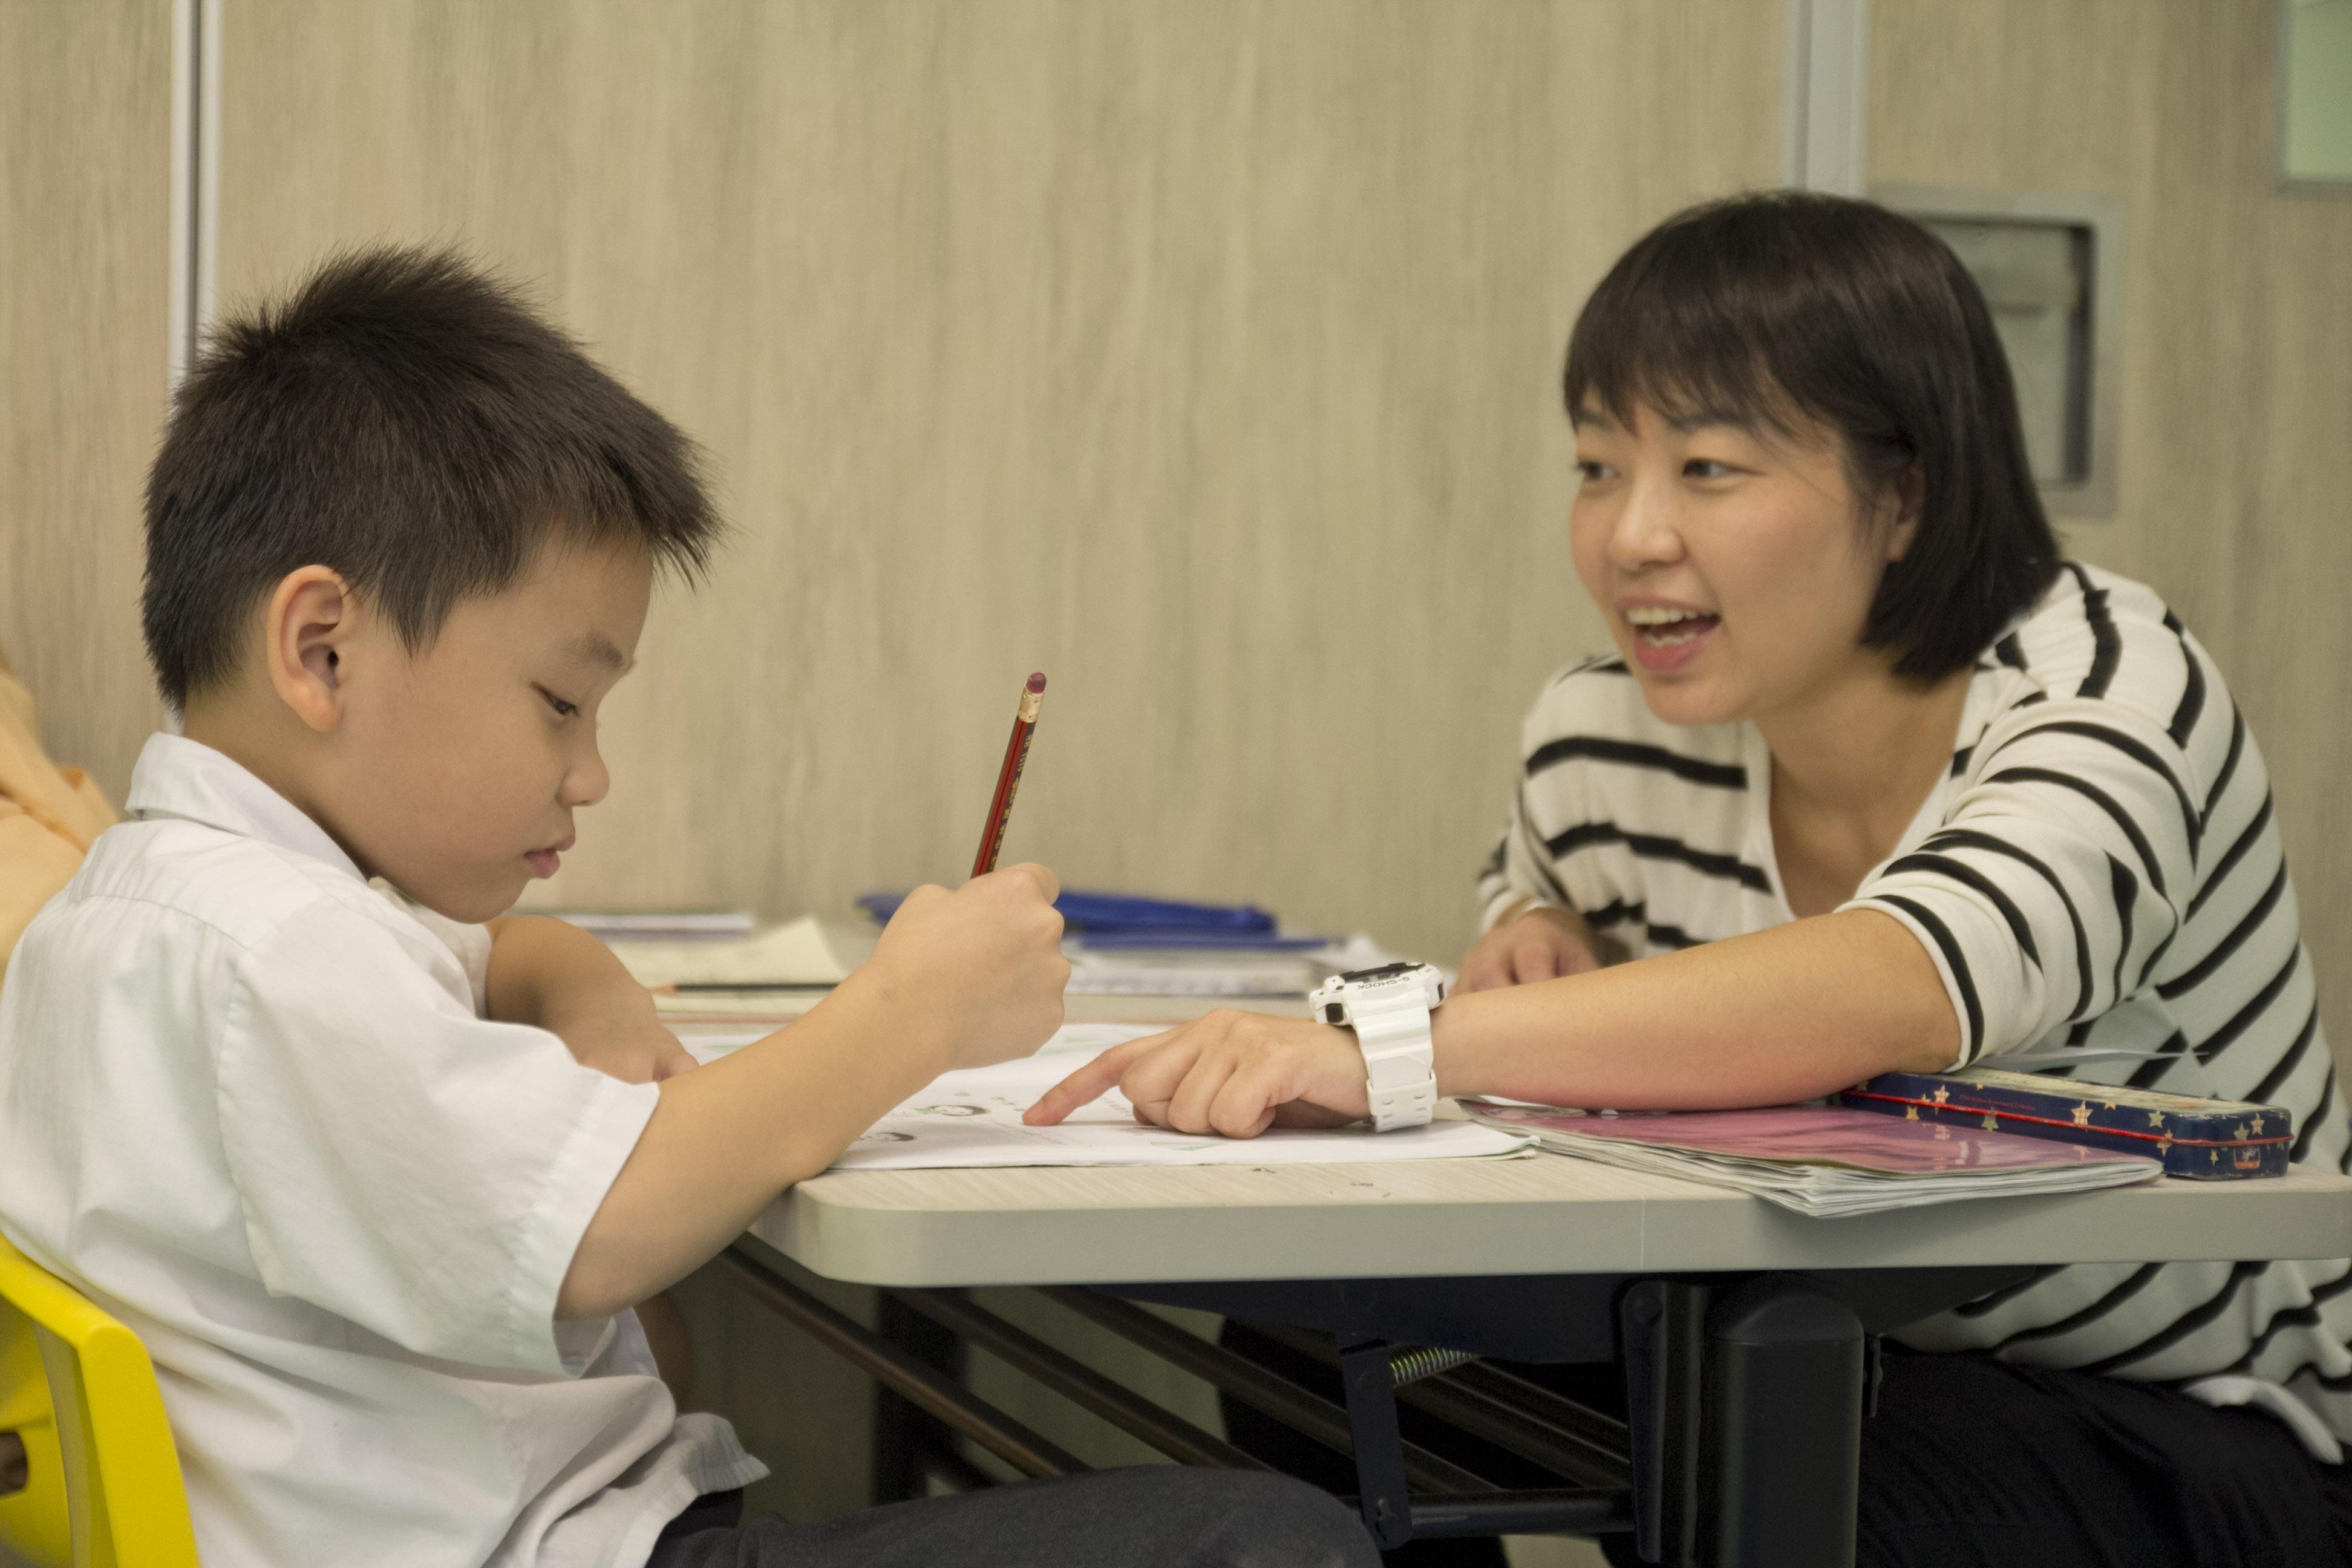 支援學童及青少年, 助他們加強學習能力及社交技巧。